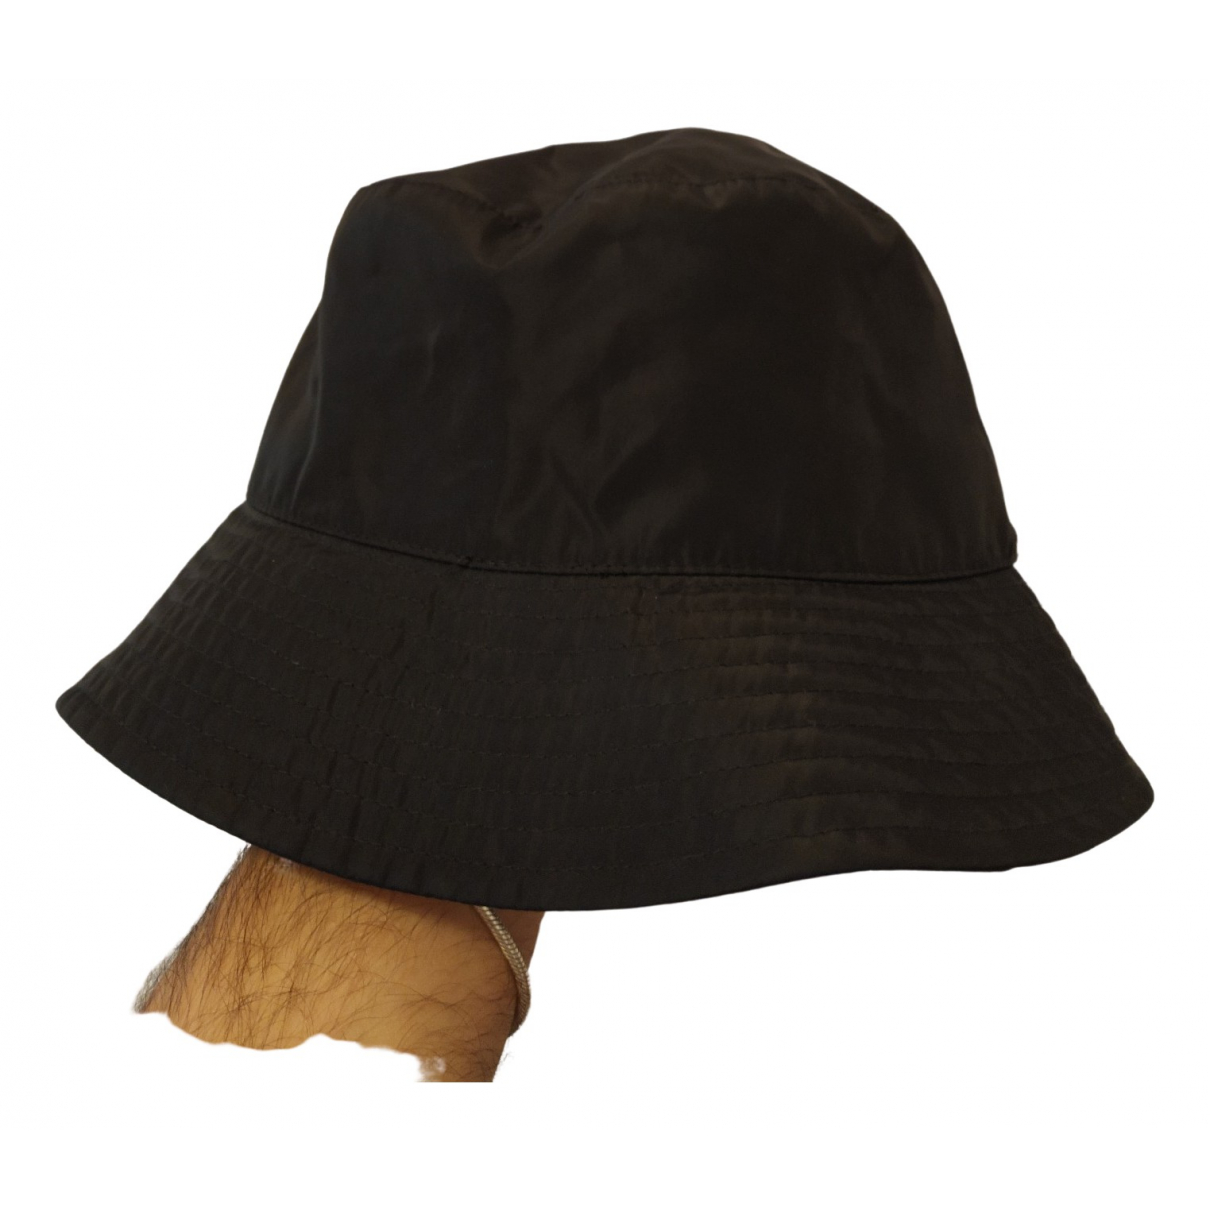 & Other Stories - Chapeau & Bonnets   pour homme - noir